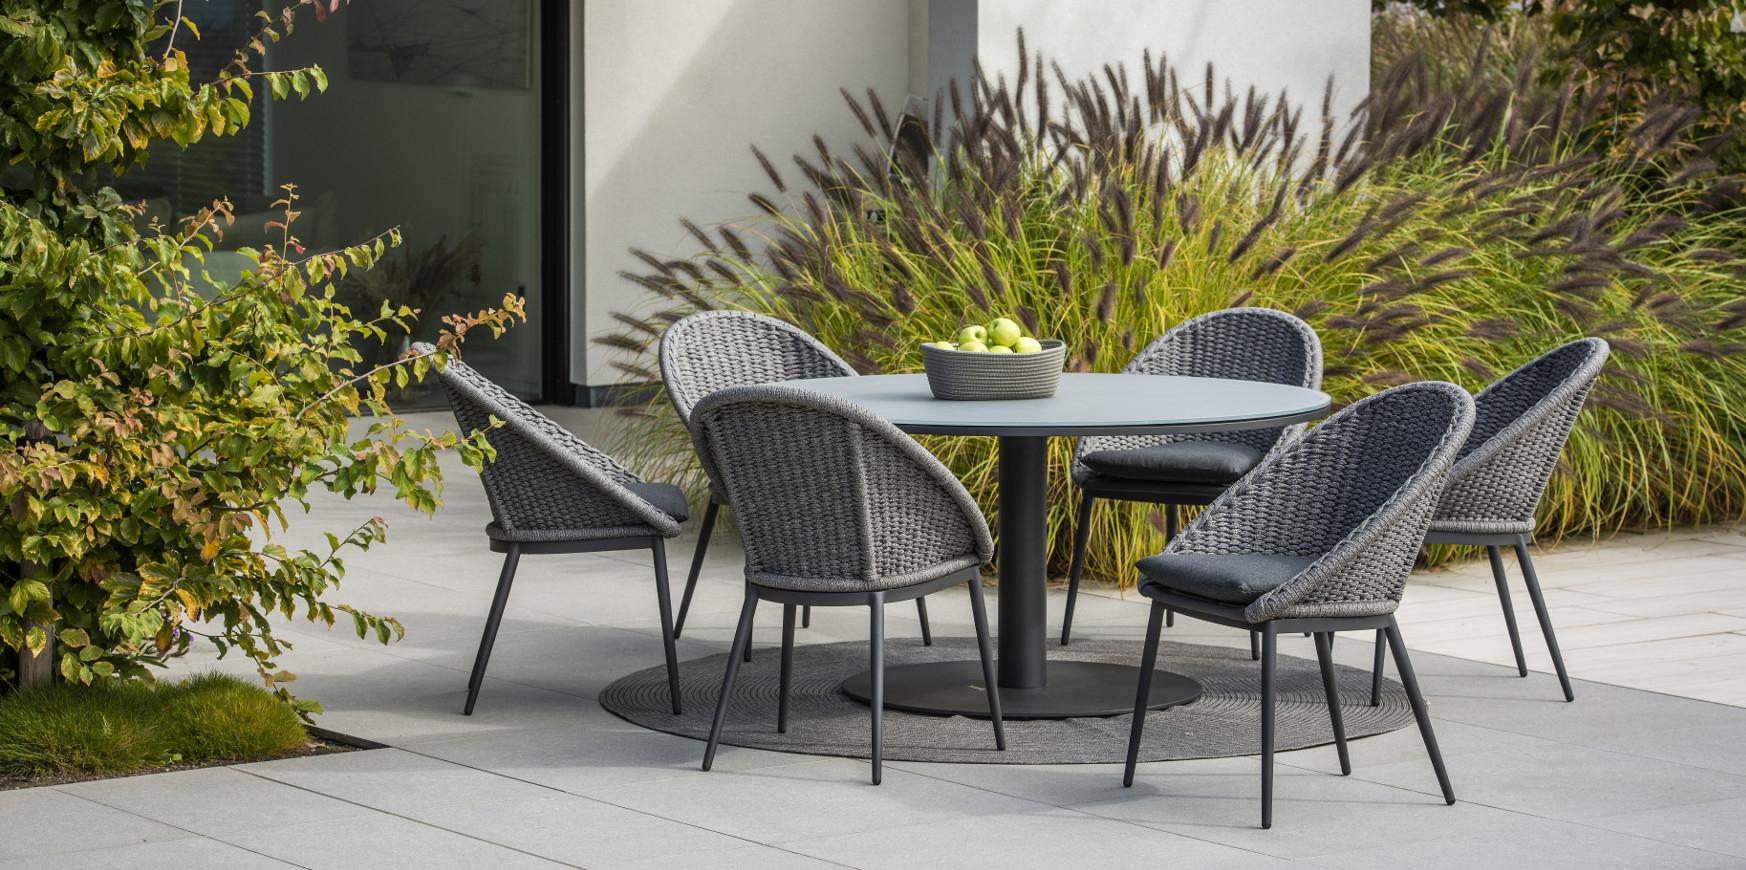 Mobilier De Jardin - Magasin De Meubles Extérieur Haut De ... concernant Table Et Chaise De Jardin Solde